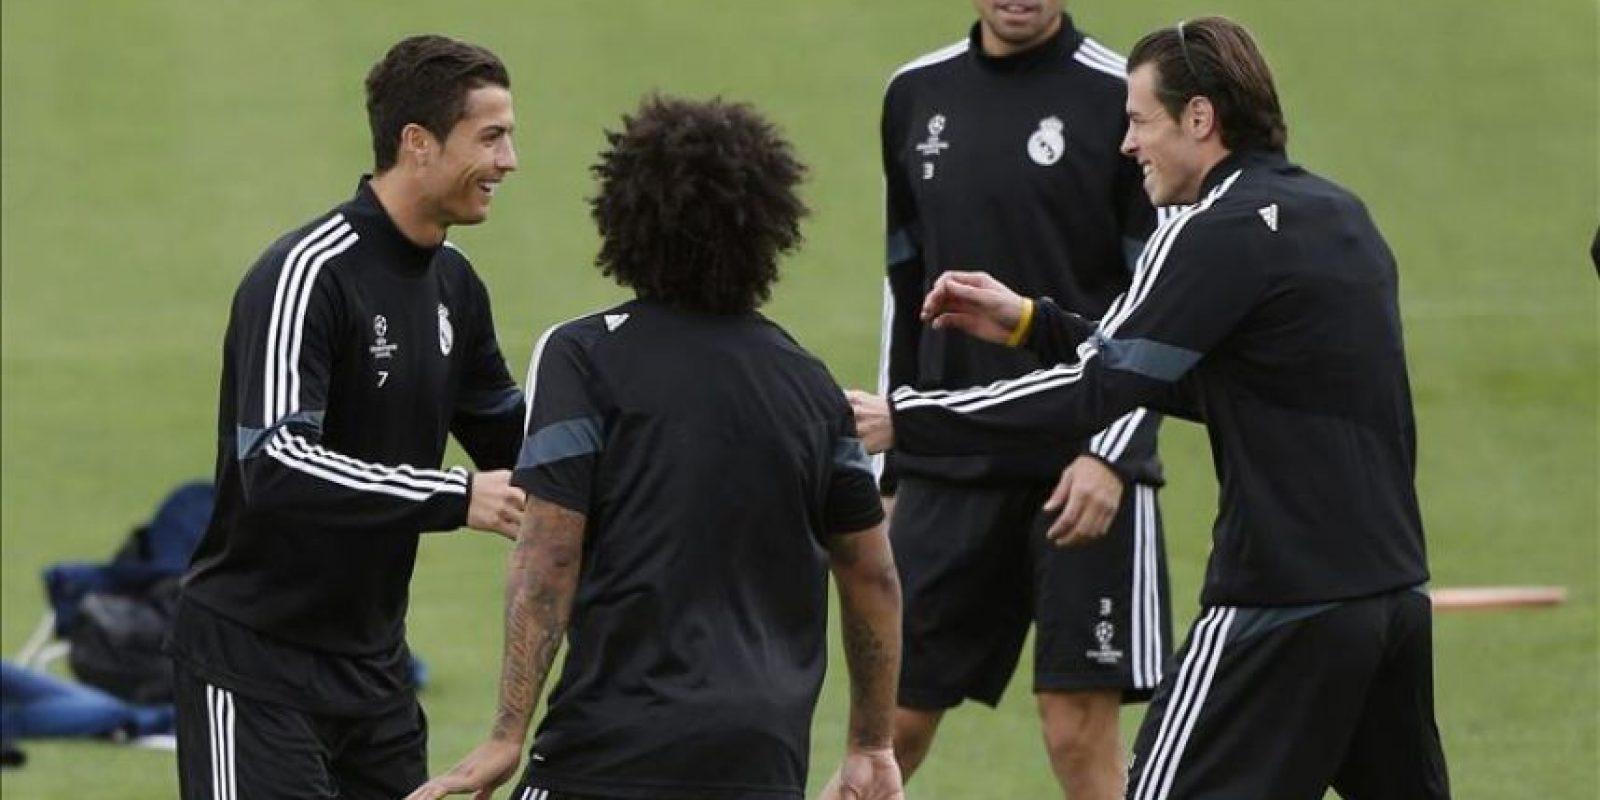 Los jugadores del Real Madrid Cristiano Ronaldo, Marcelo, Bale y Pepe durante el entrenamiento del equipo, hoy en Valdebebas, de cara al partido de la Liga de Campeones que disputarán mañana, martes, frente al Liverpool en el estadio Santiago Bernabéu. EFE